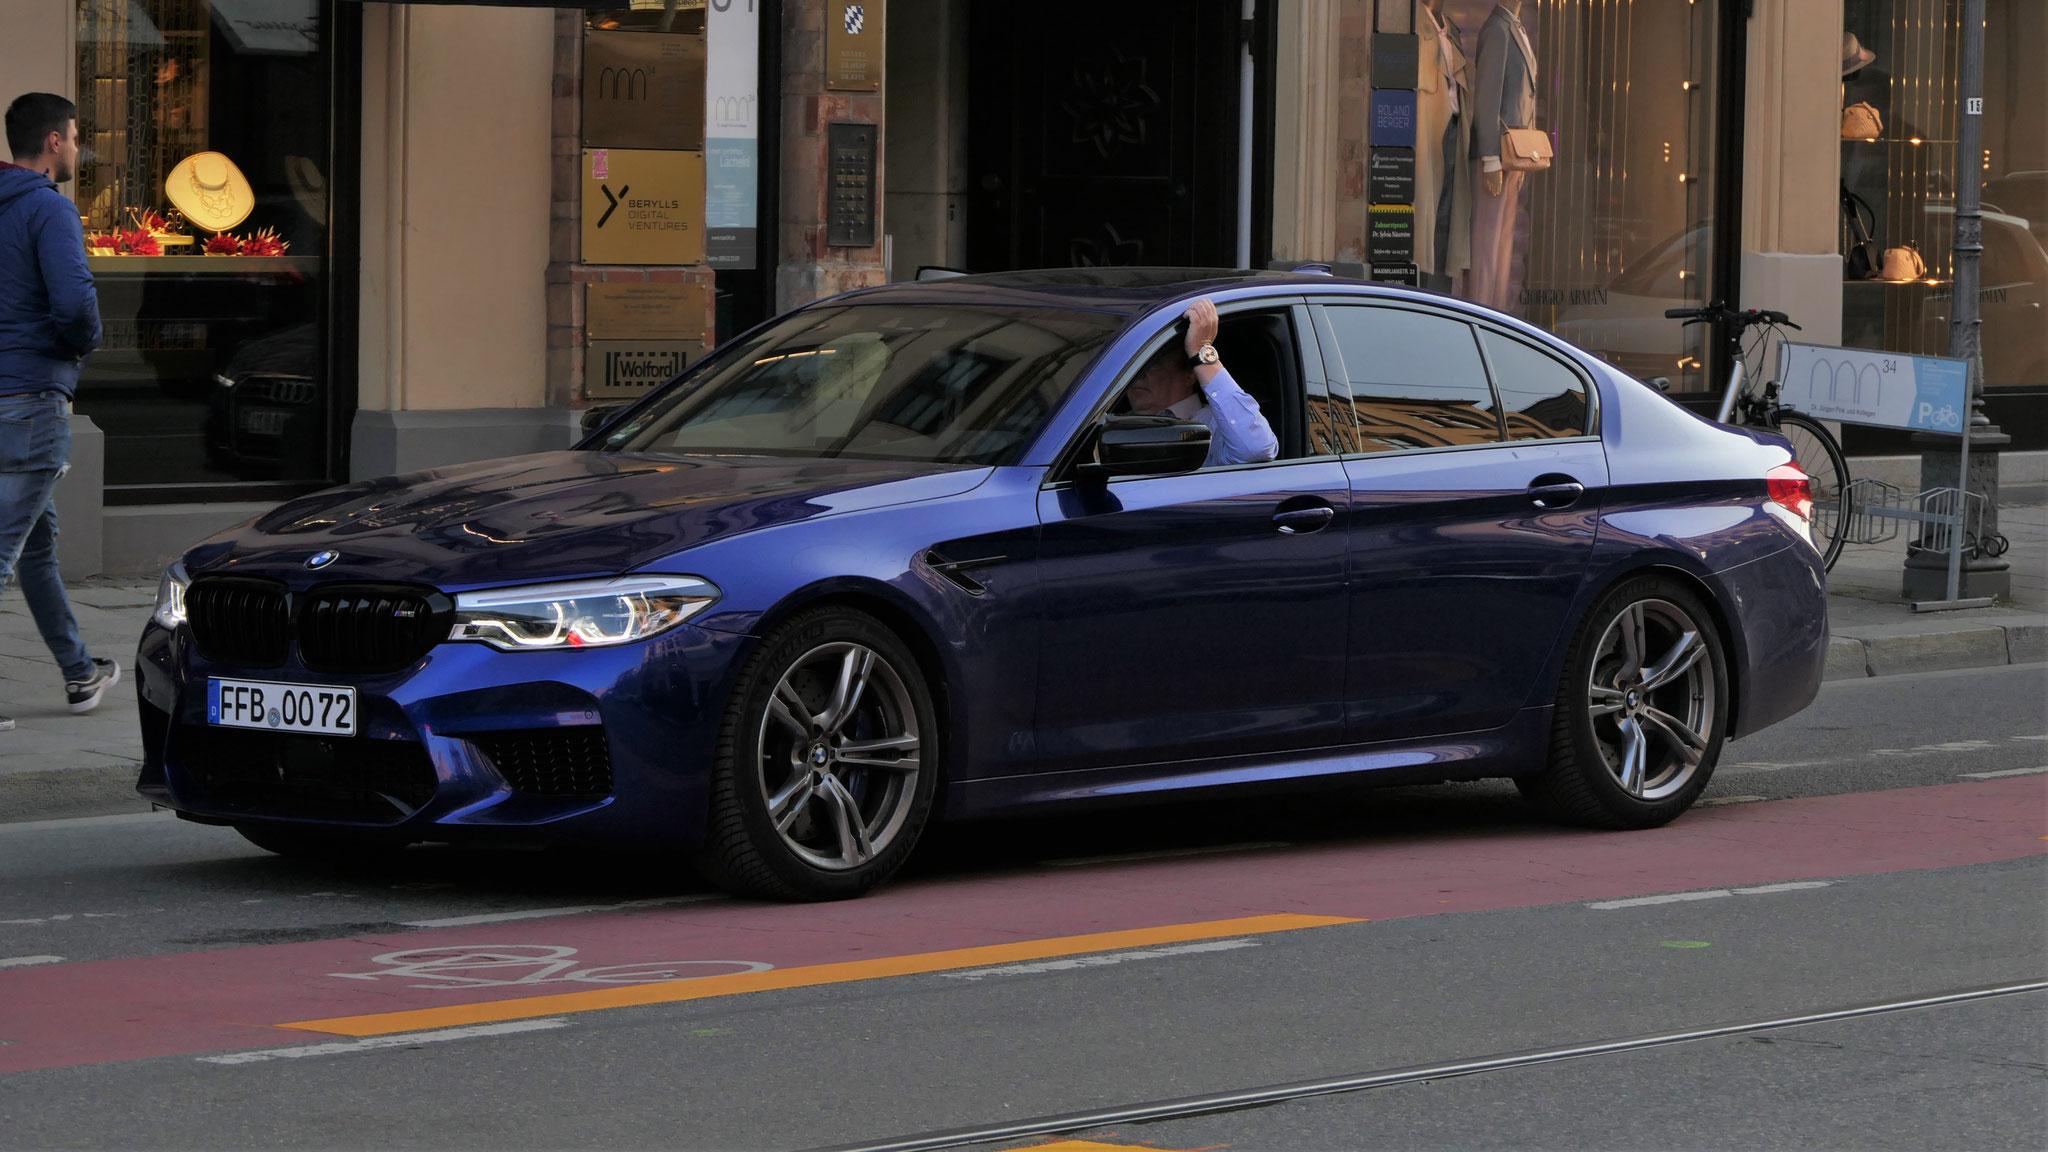 BMW M5 - FFB-OO-72